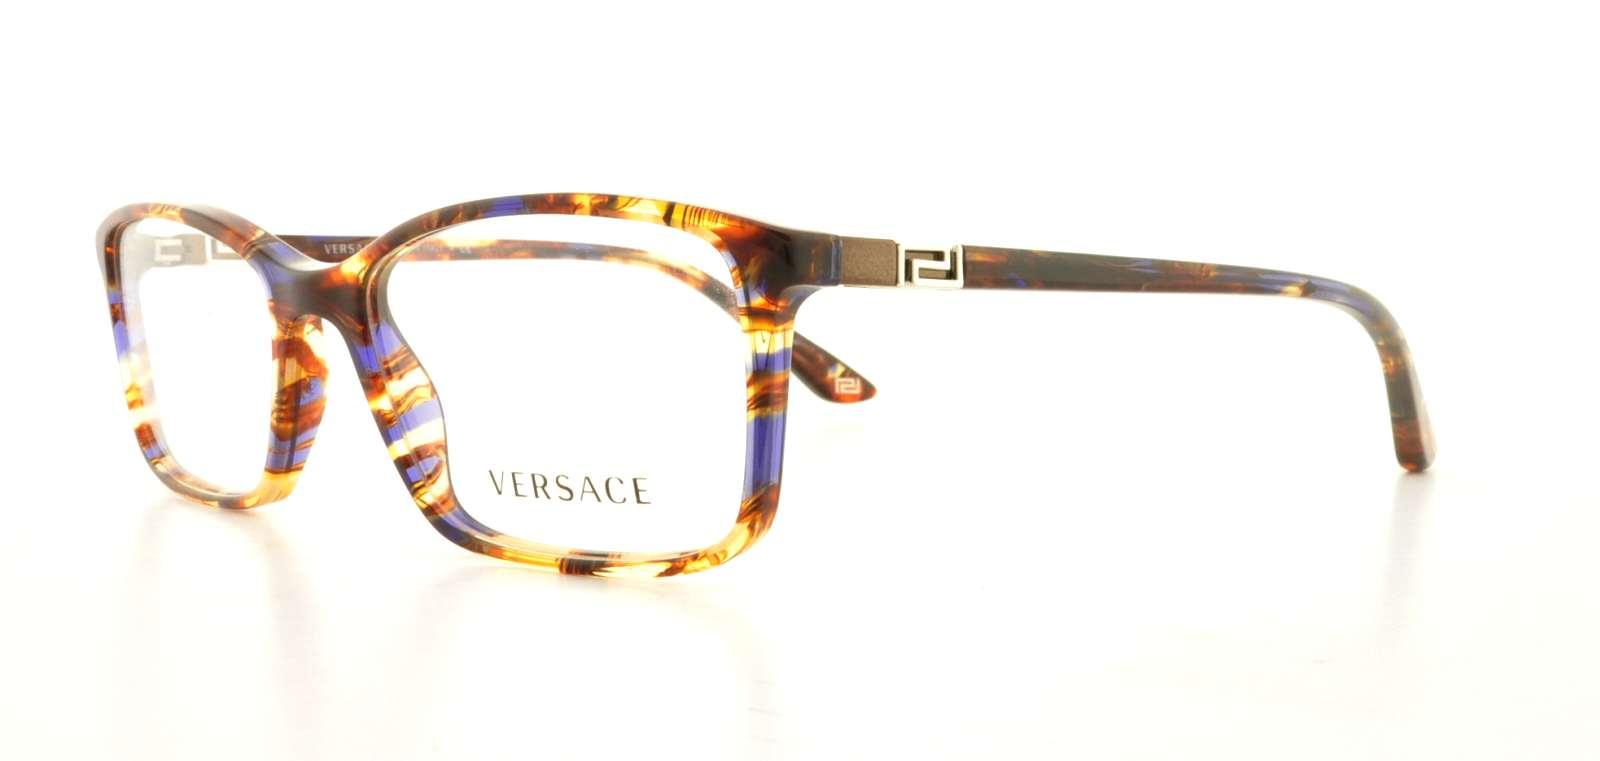 6c3190a0c7 Designer Frames Outlet. Versace VE3163